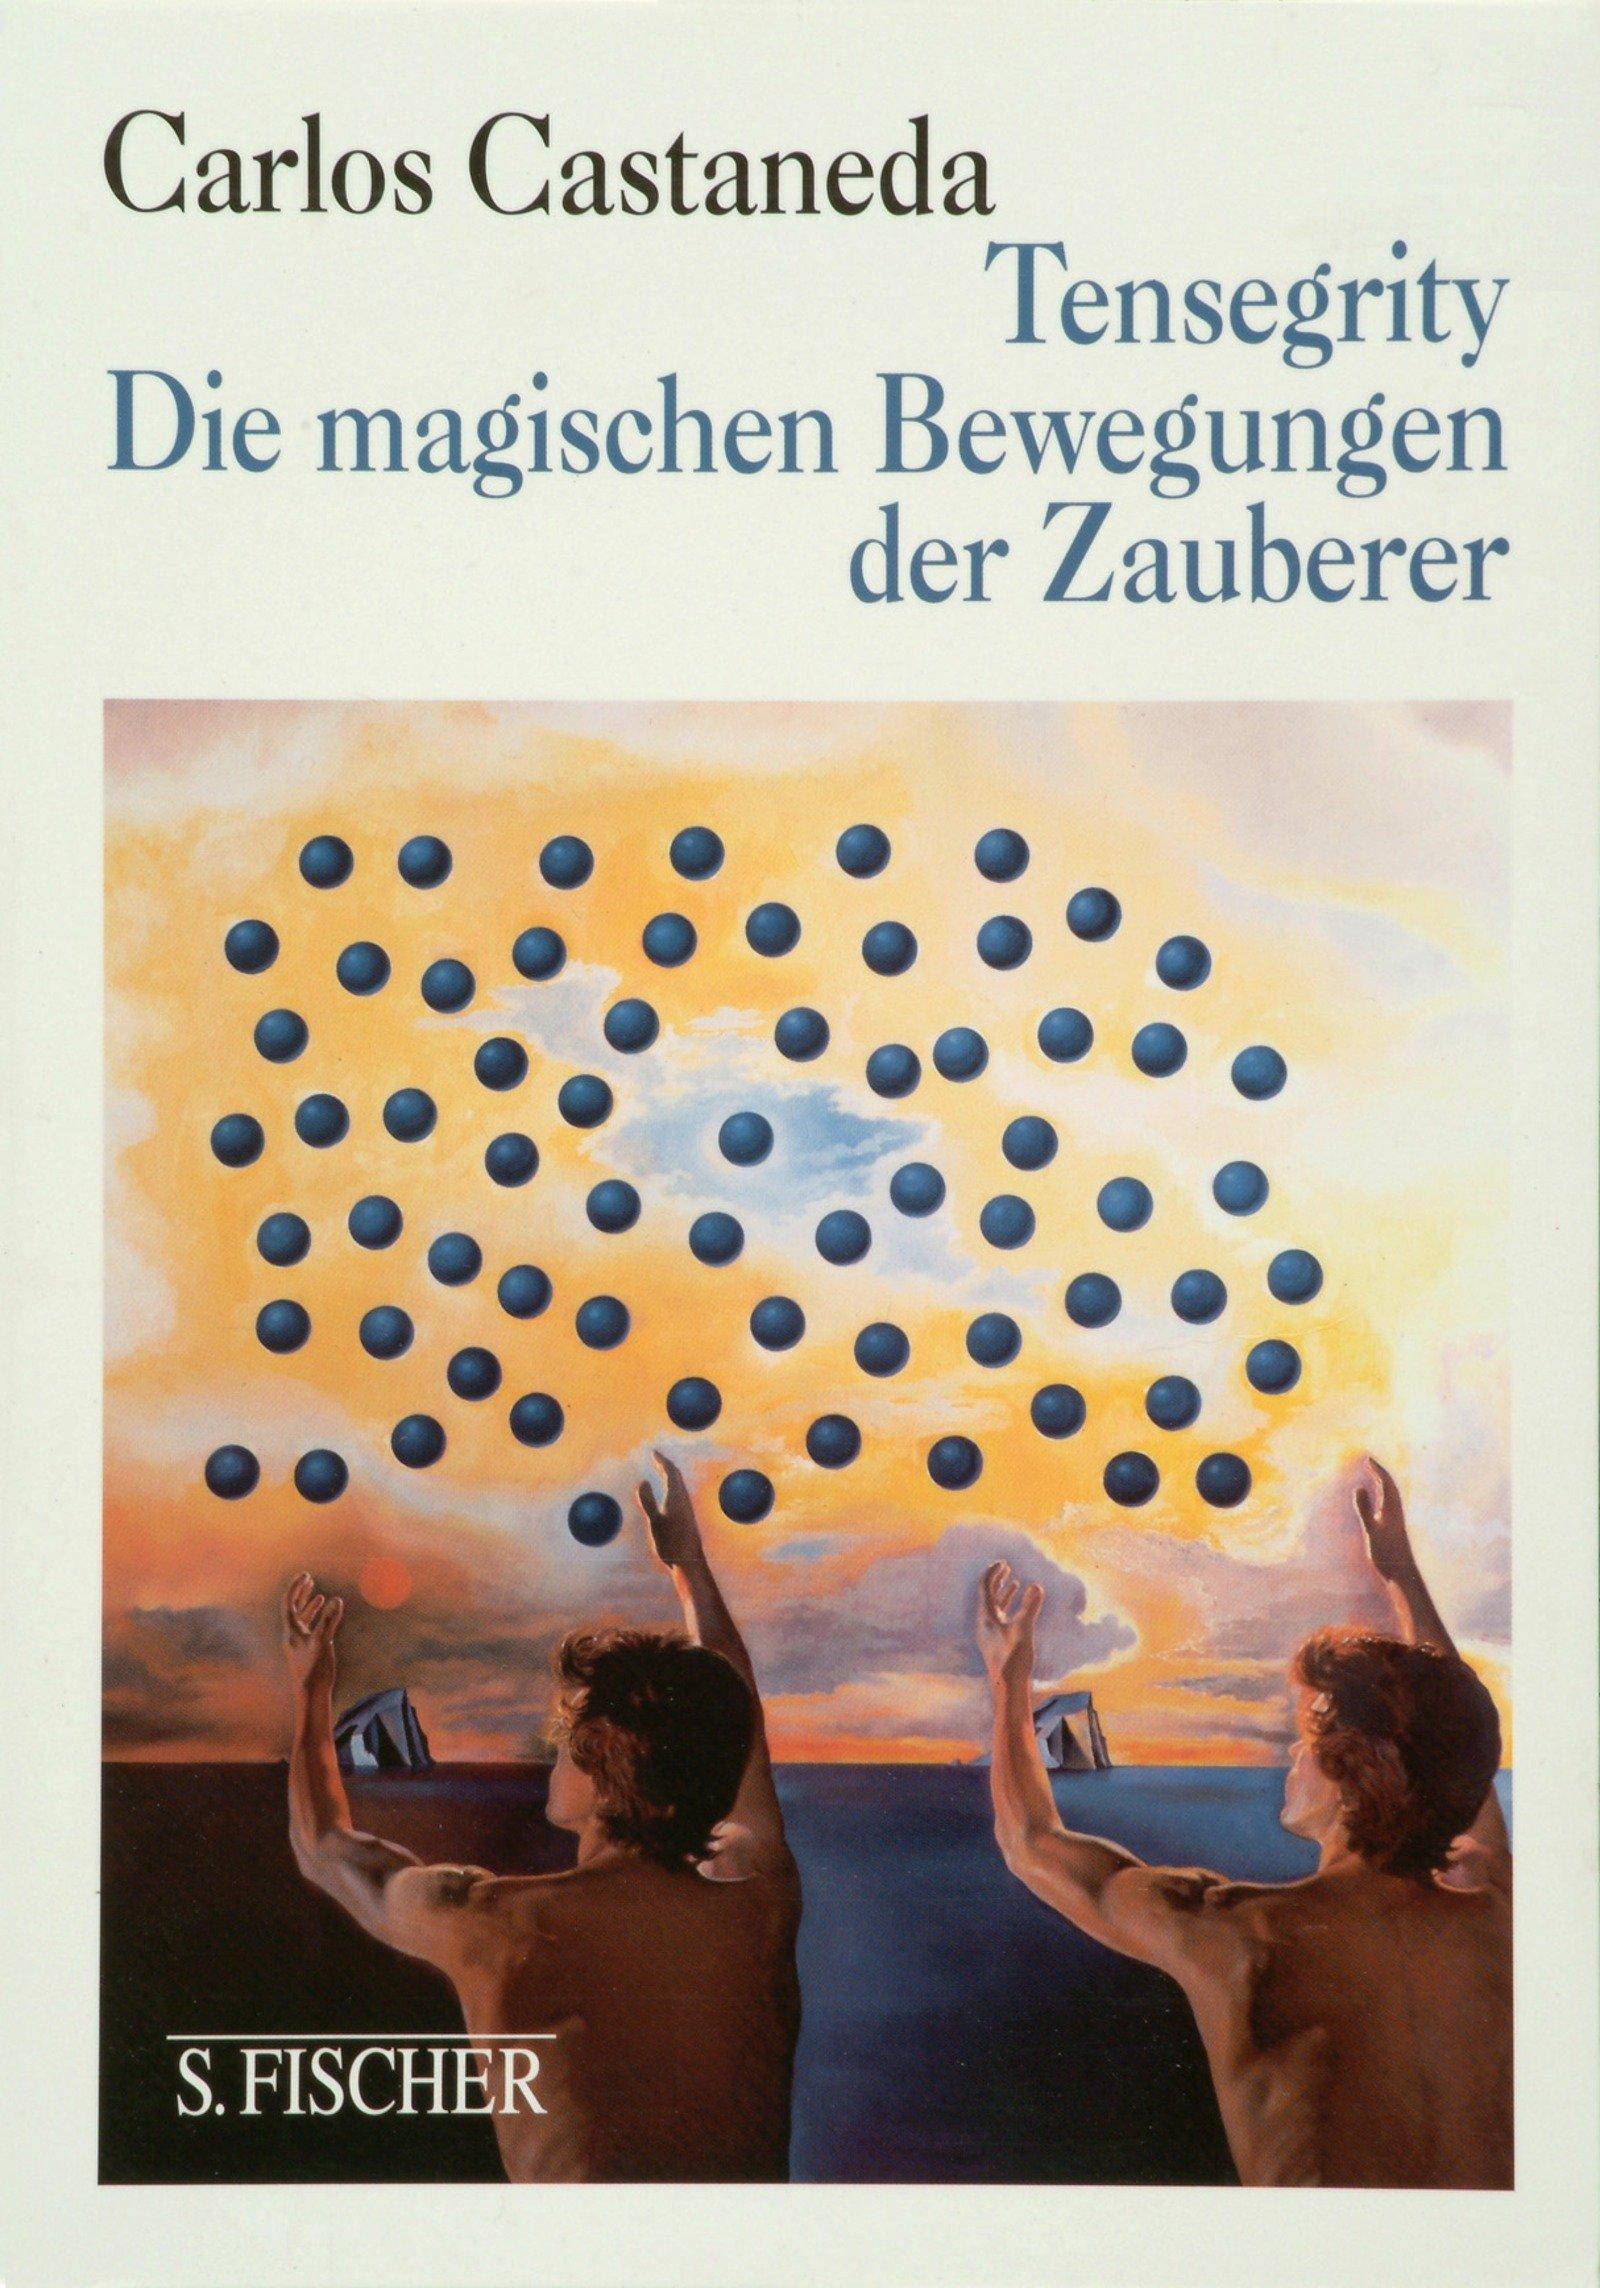 Tensegrity: Die magischen Bewegungen der Zauberer Taschenbuch – 1. April 1998 Carlos Castaneda S. FISCHER 3100102142 Allgemeines